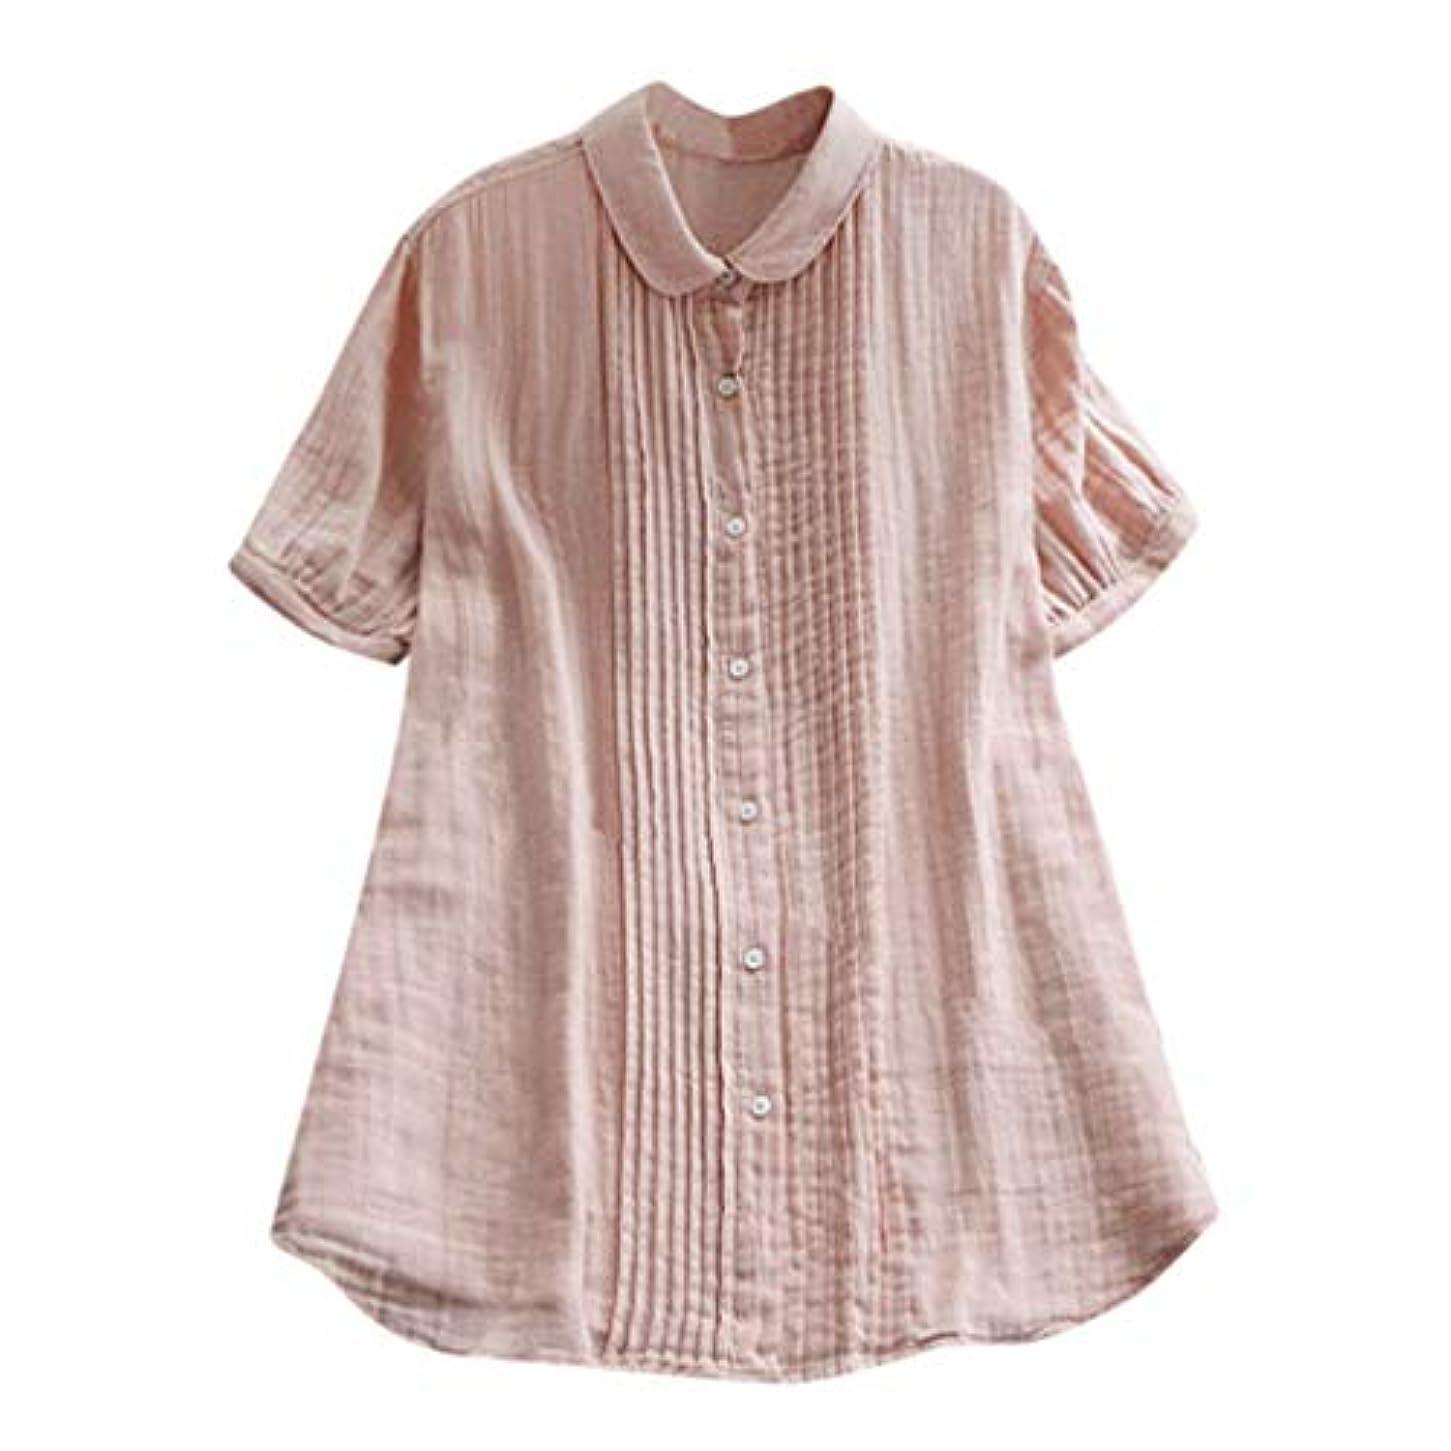 シャッフル無視ファンド女性の半袖Tシャツ - ピーターパンカラー夏緩い無地カジュアルダウントップスブラウス (ピンク, M)